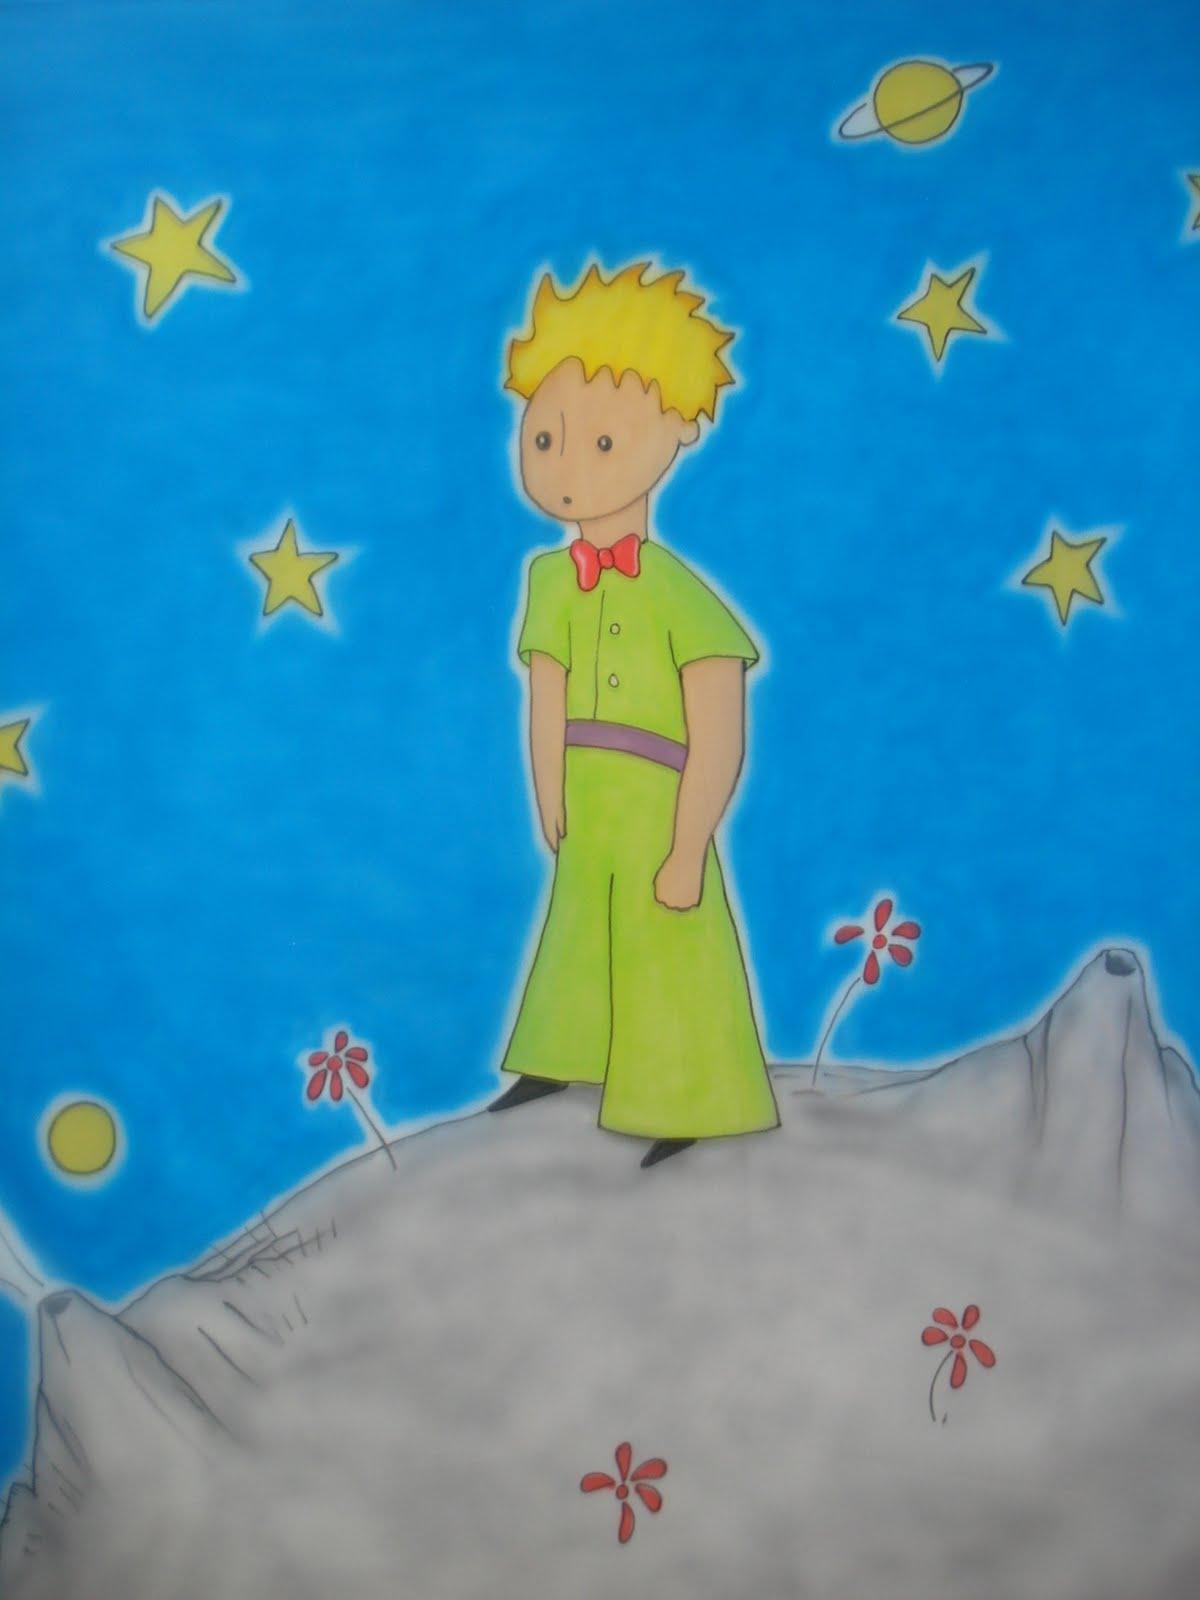 Quarto Infantil O Pequeno Principe ~ Francez Pintura Infantil Pequeno Pr?ncipe